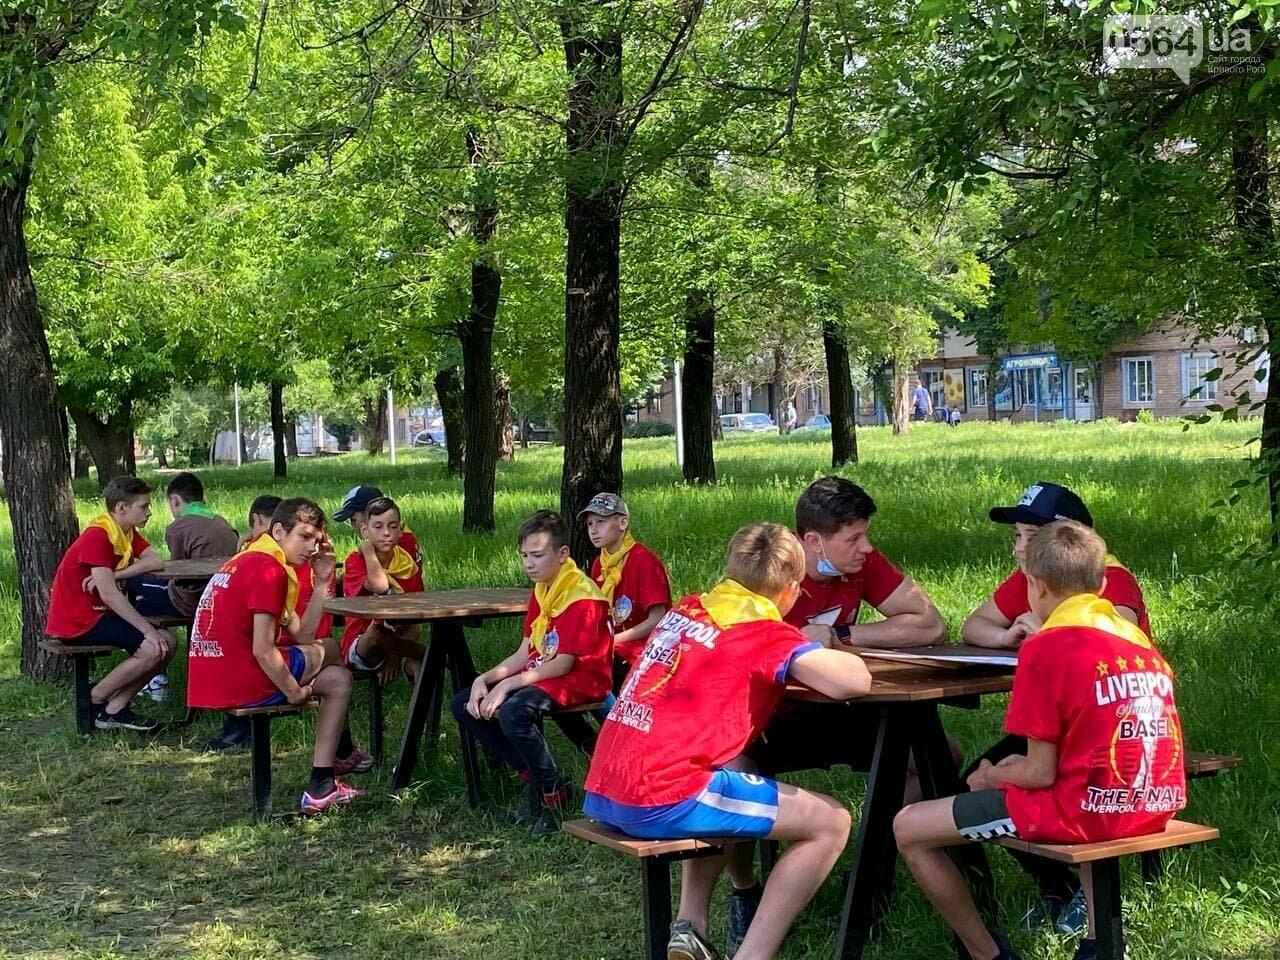 В Кривом Роге для детей провели спартакиаду, - ФОТО, ВИДЕО  , фото-7